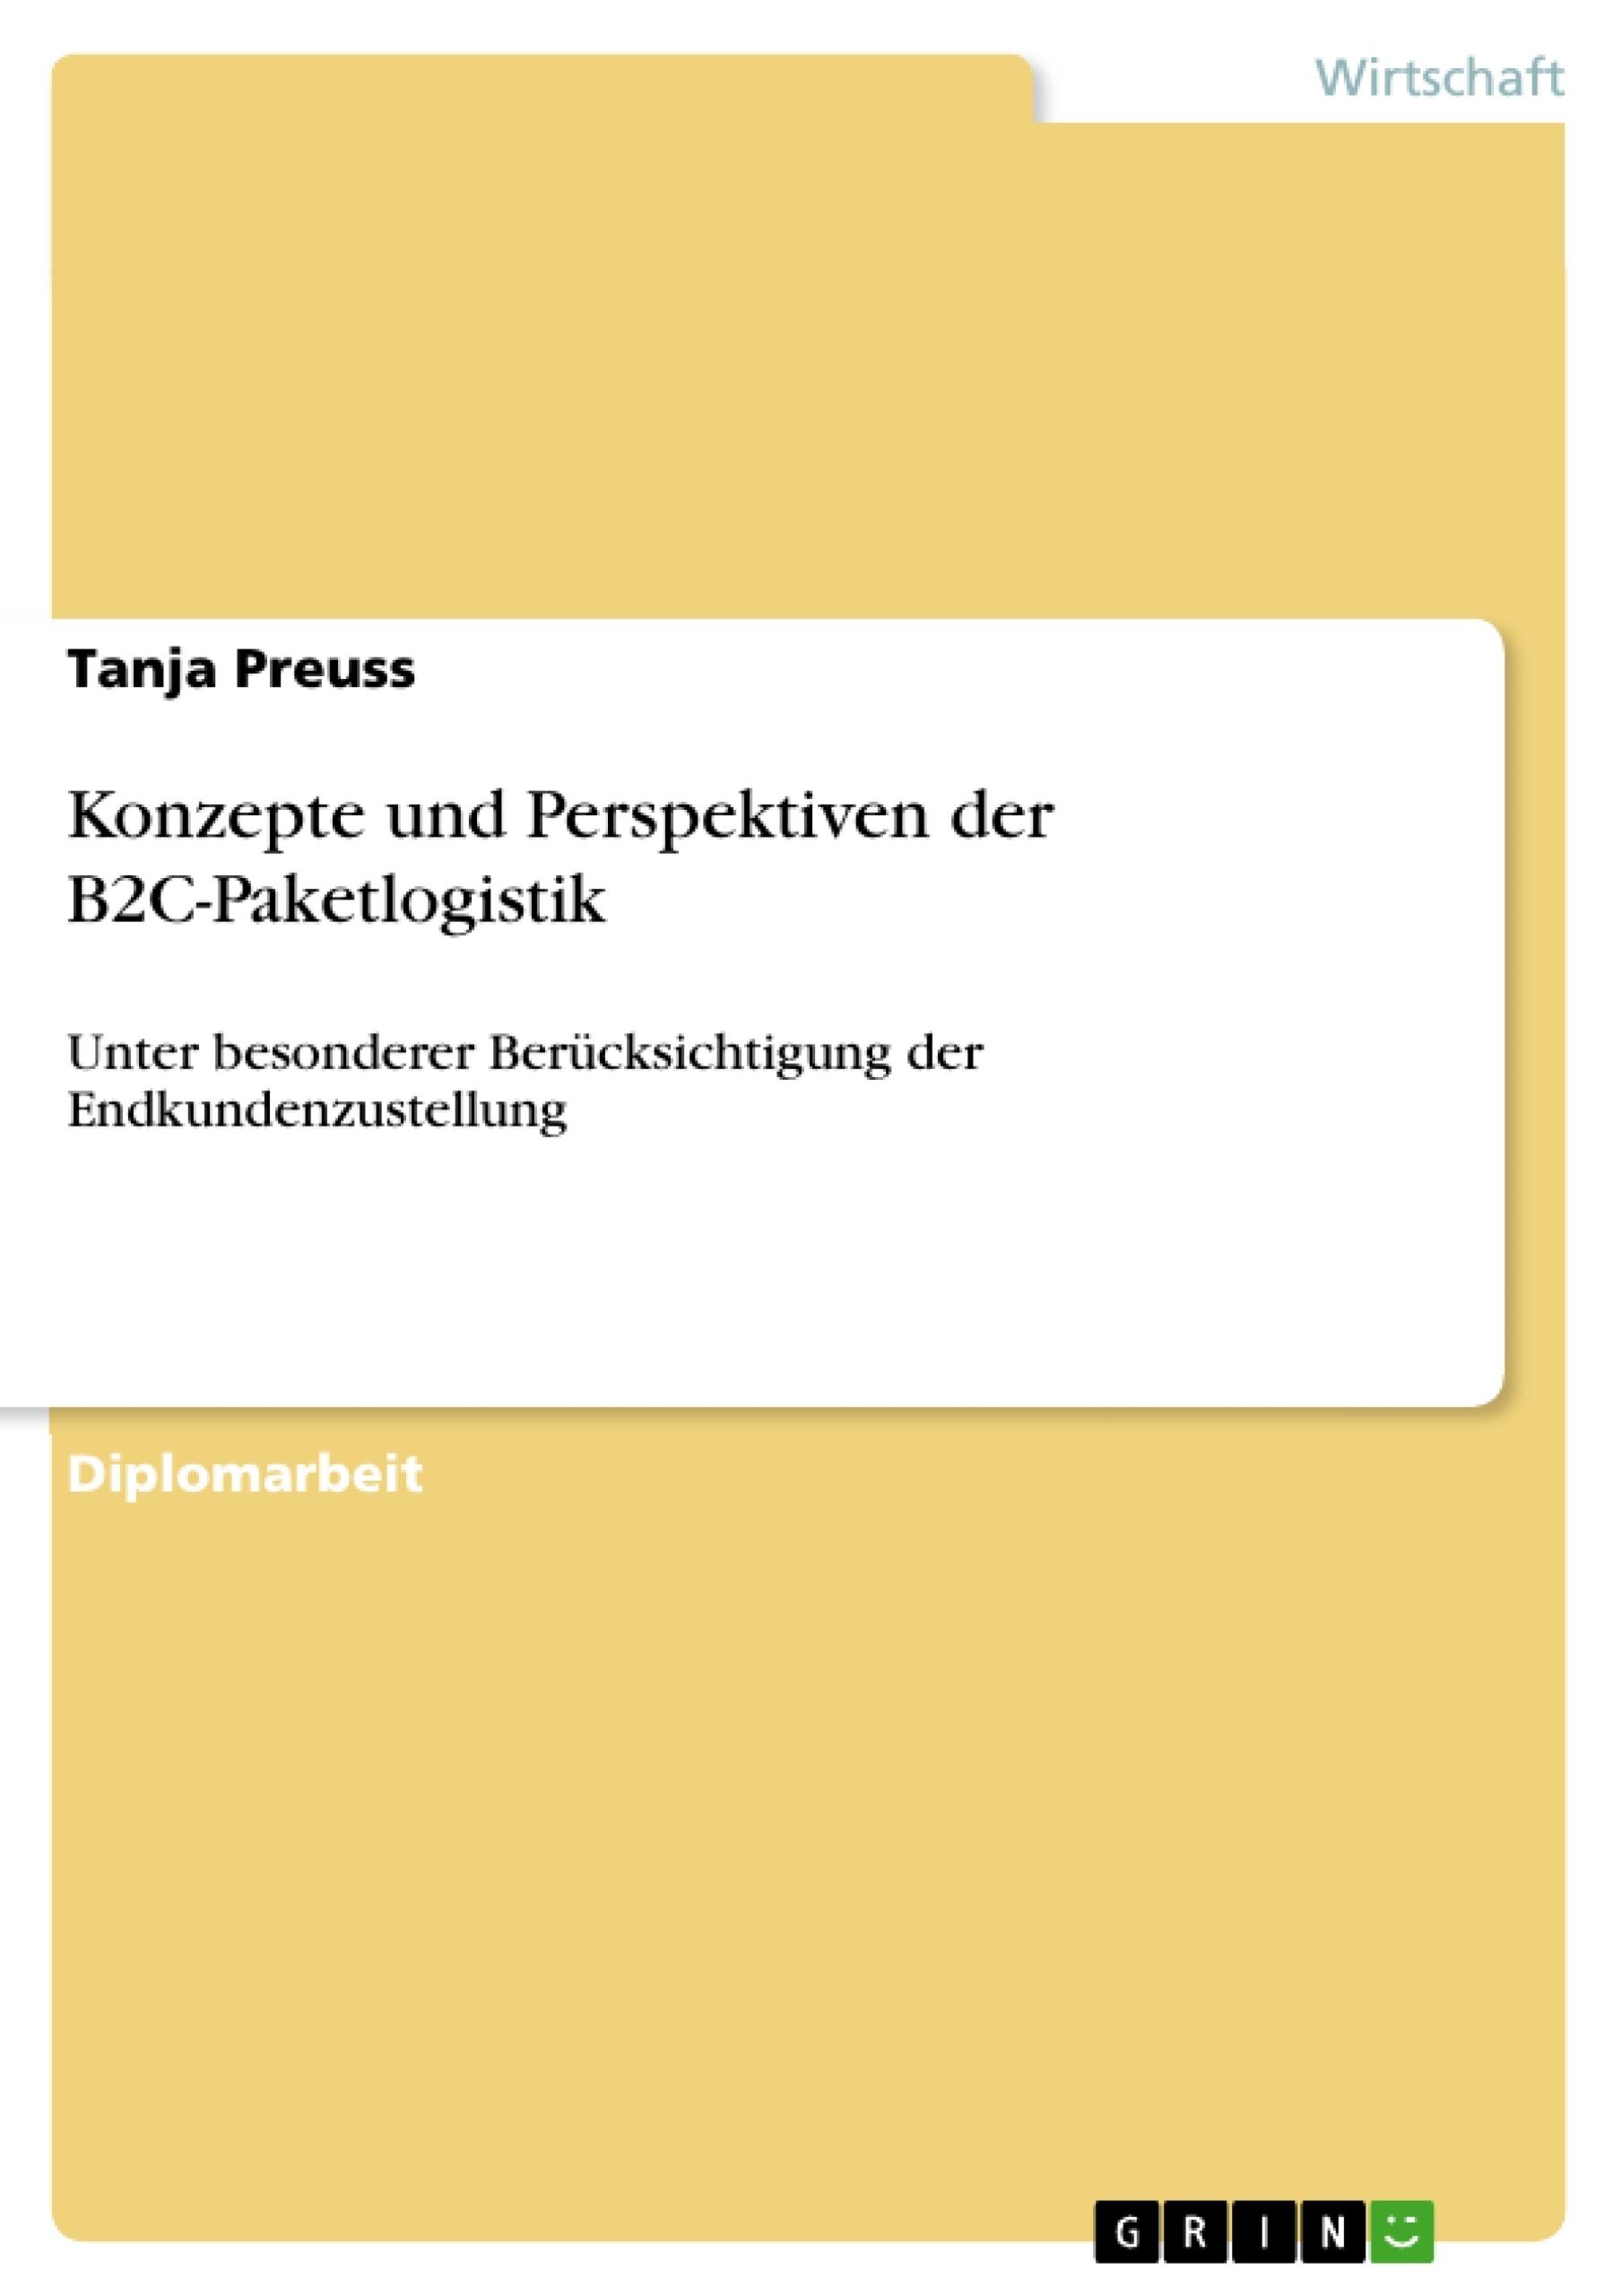 Titel: Konzepte und Perspektiven der B2C-Paketlogistik